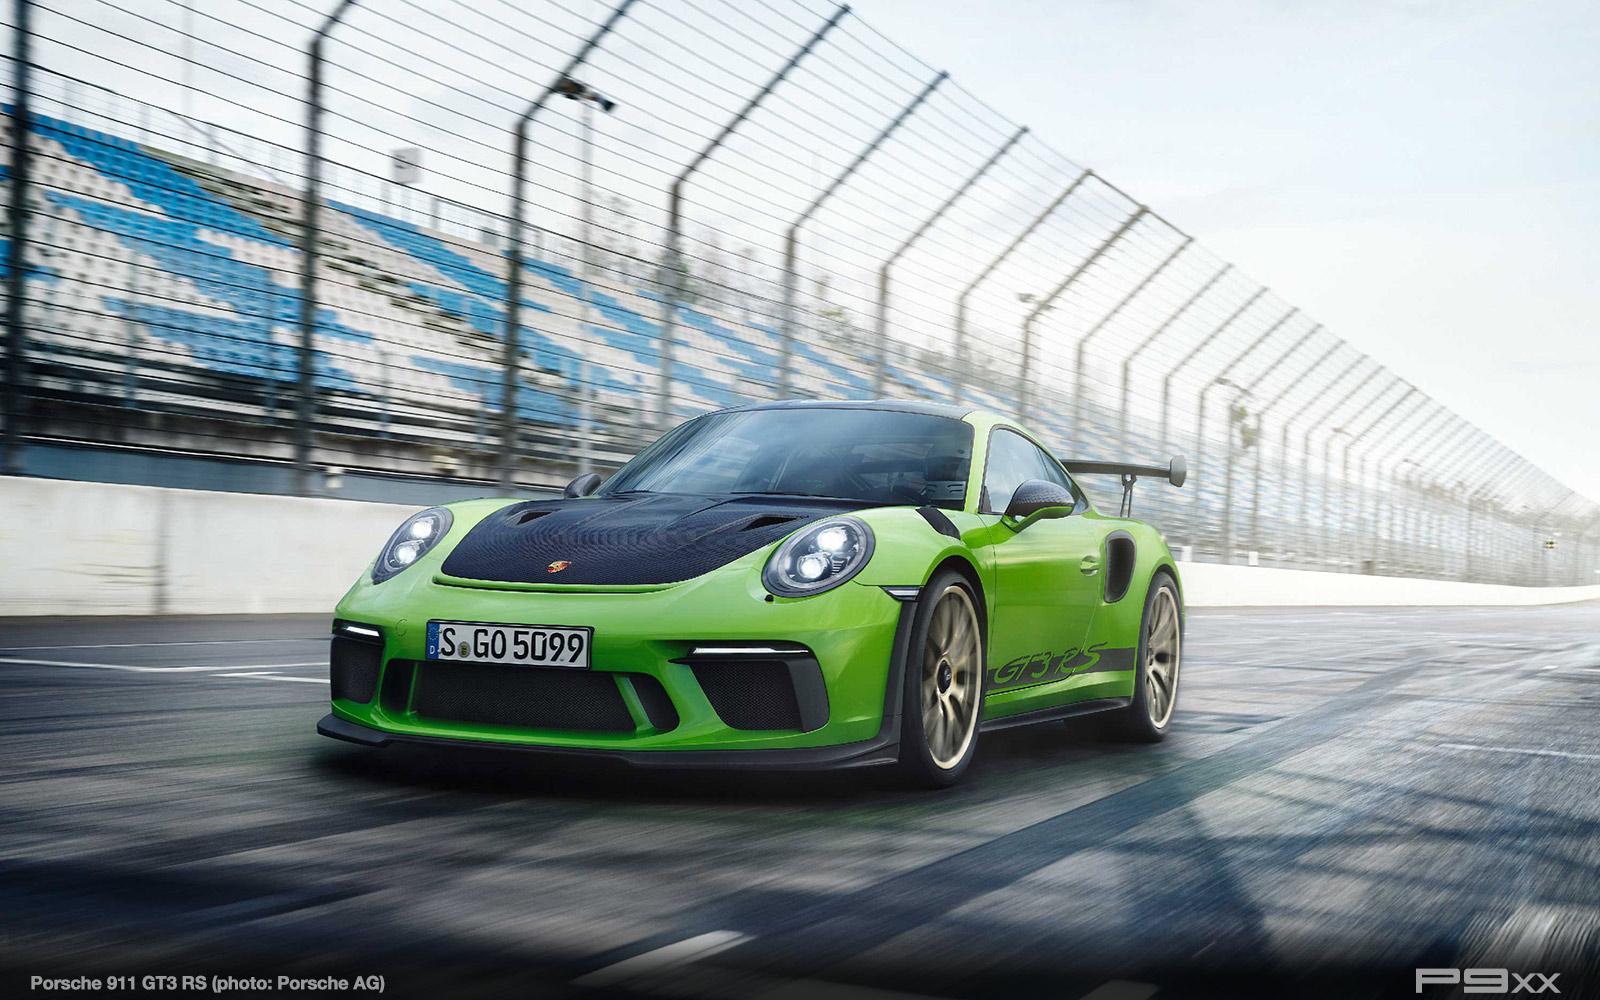 Porsche-911-GT3-RS-991-2-9912-283